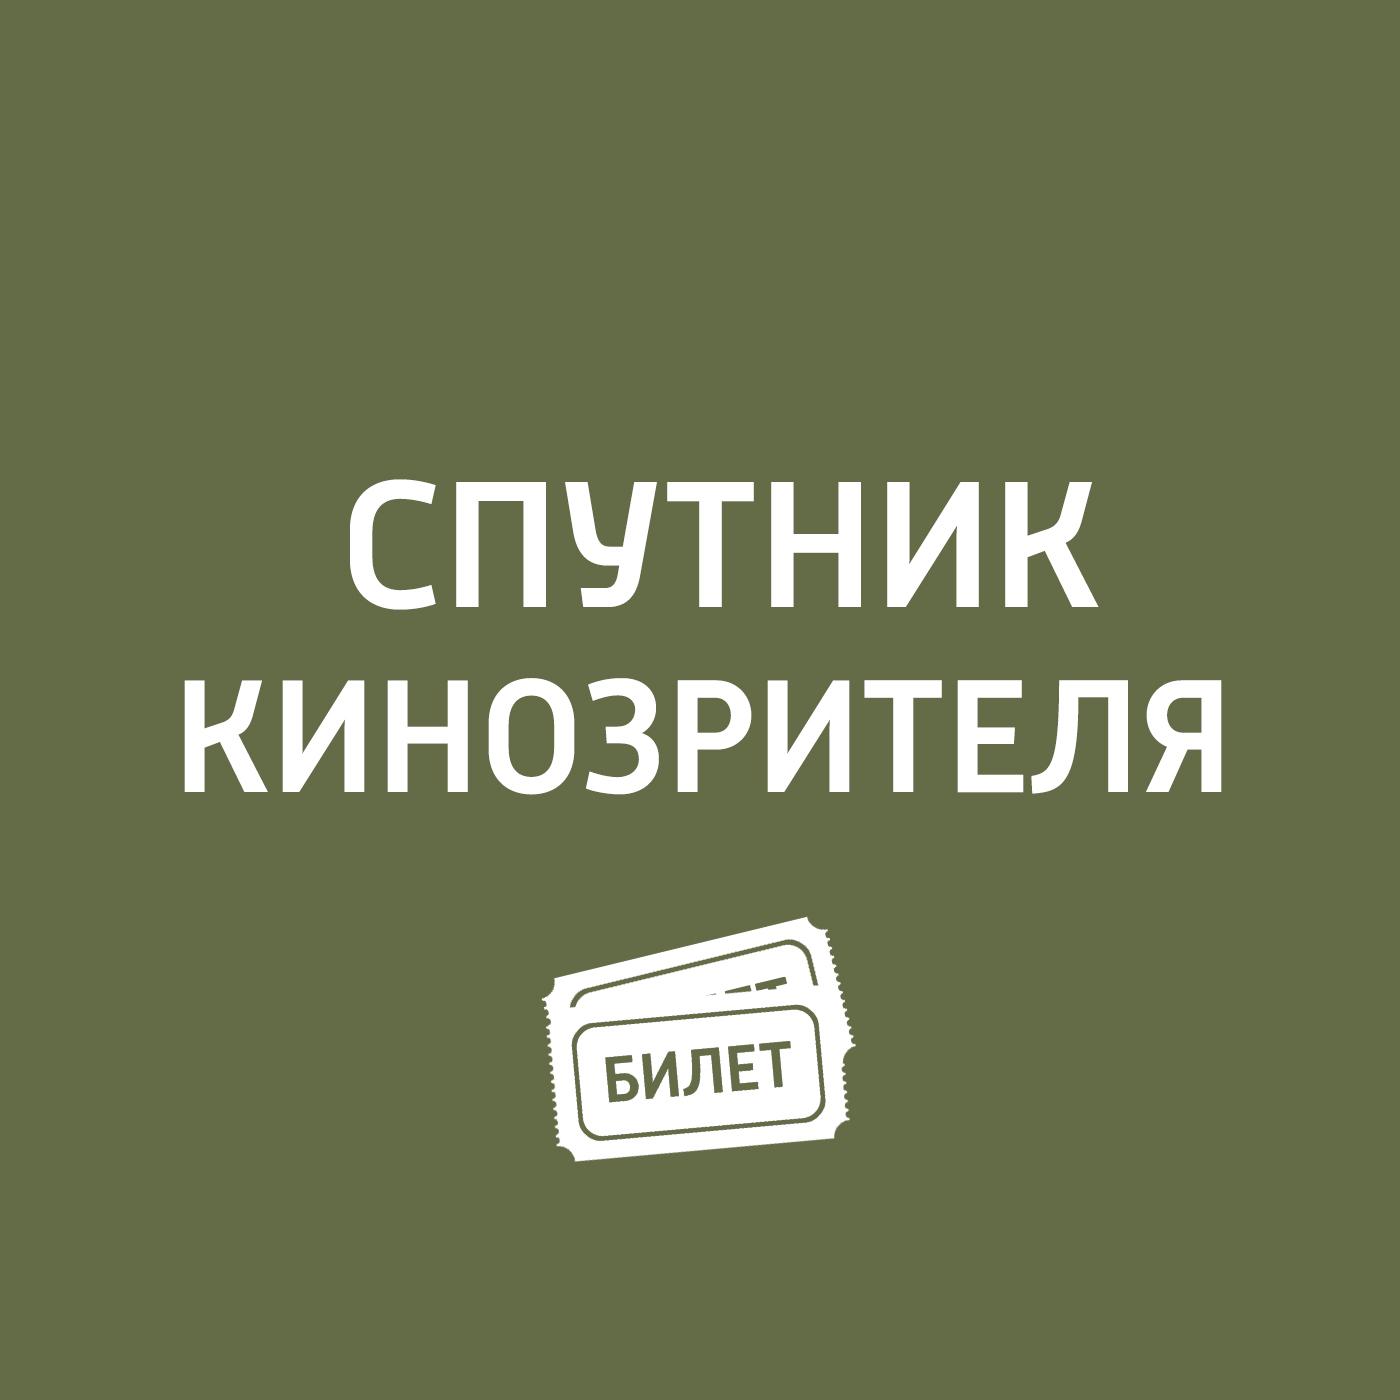 Антон Долин Превосходство, «Миллион способов потерять голову, «Поддубный цена